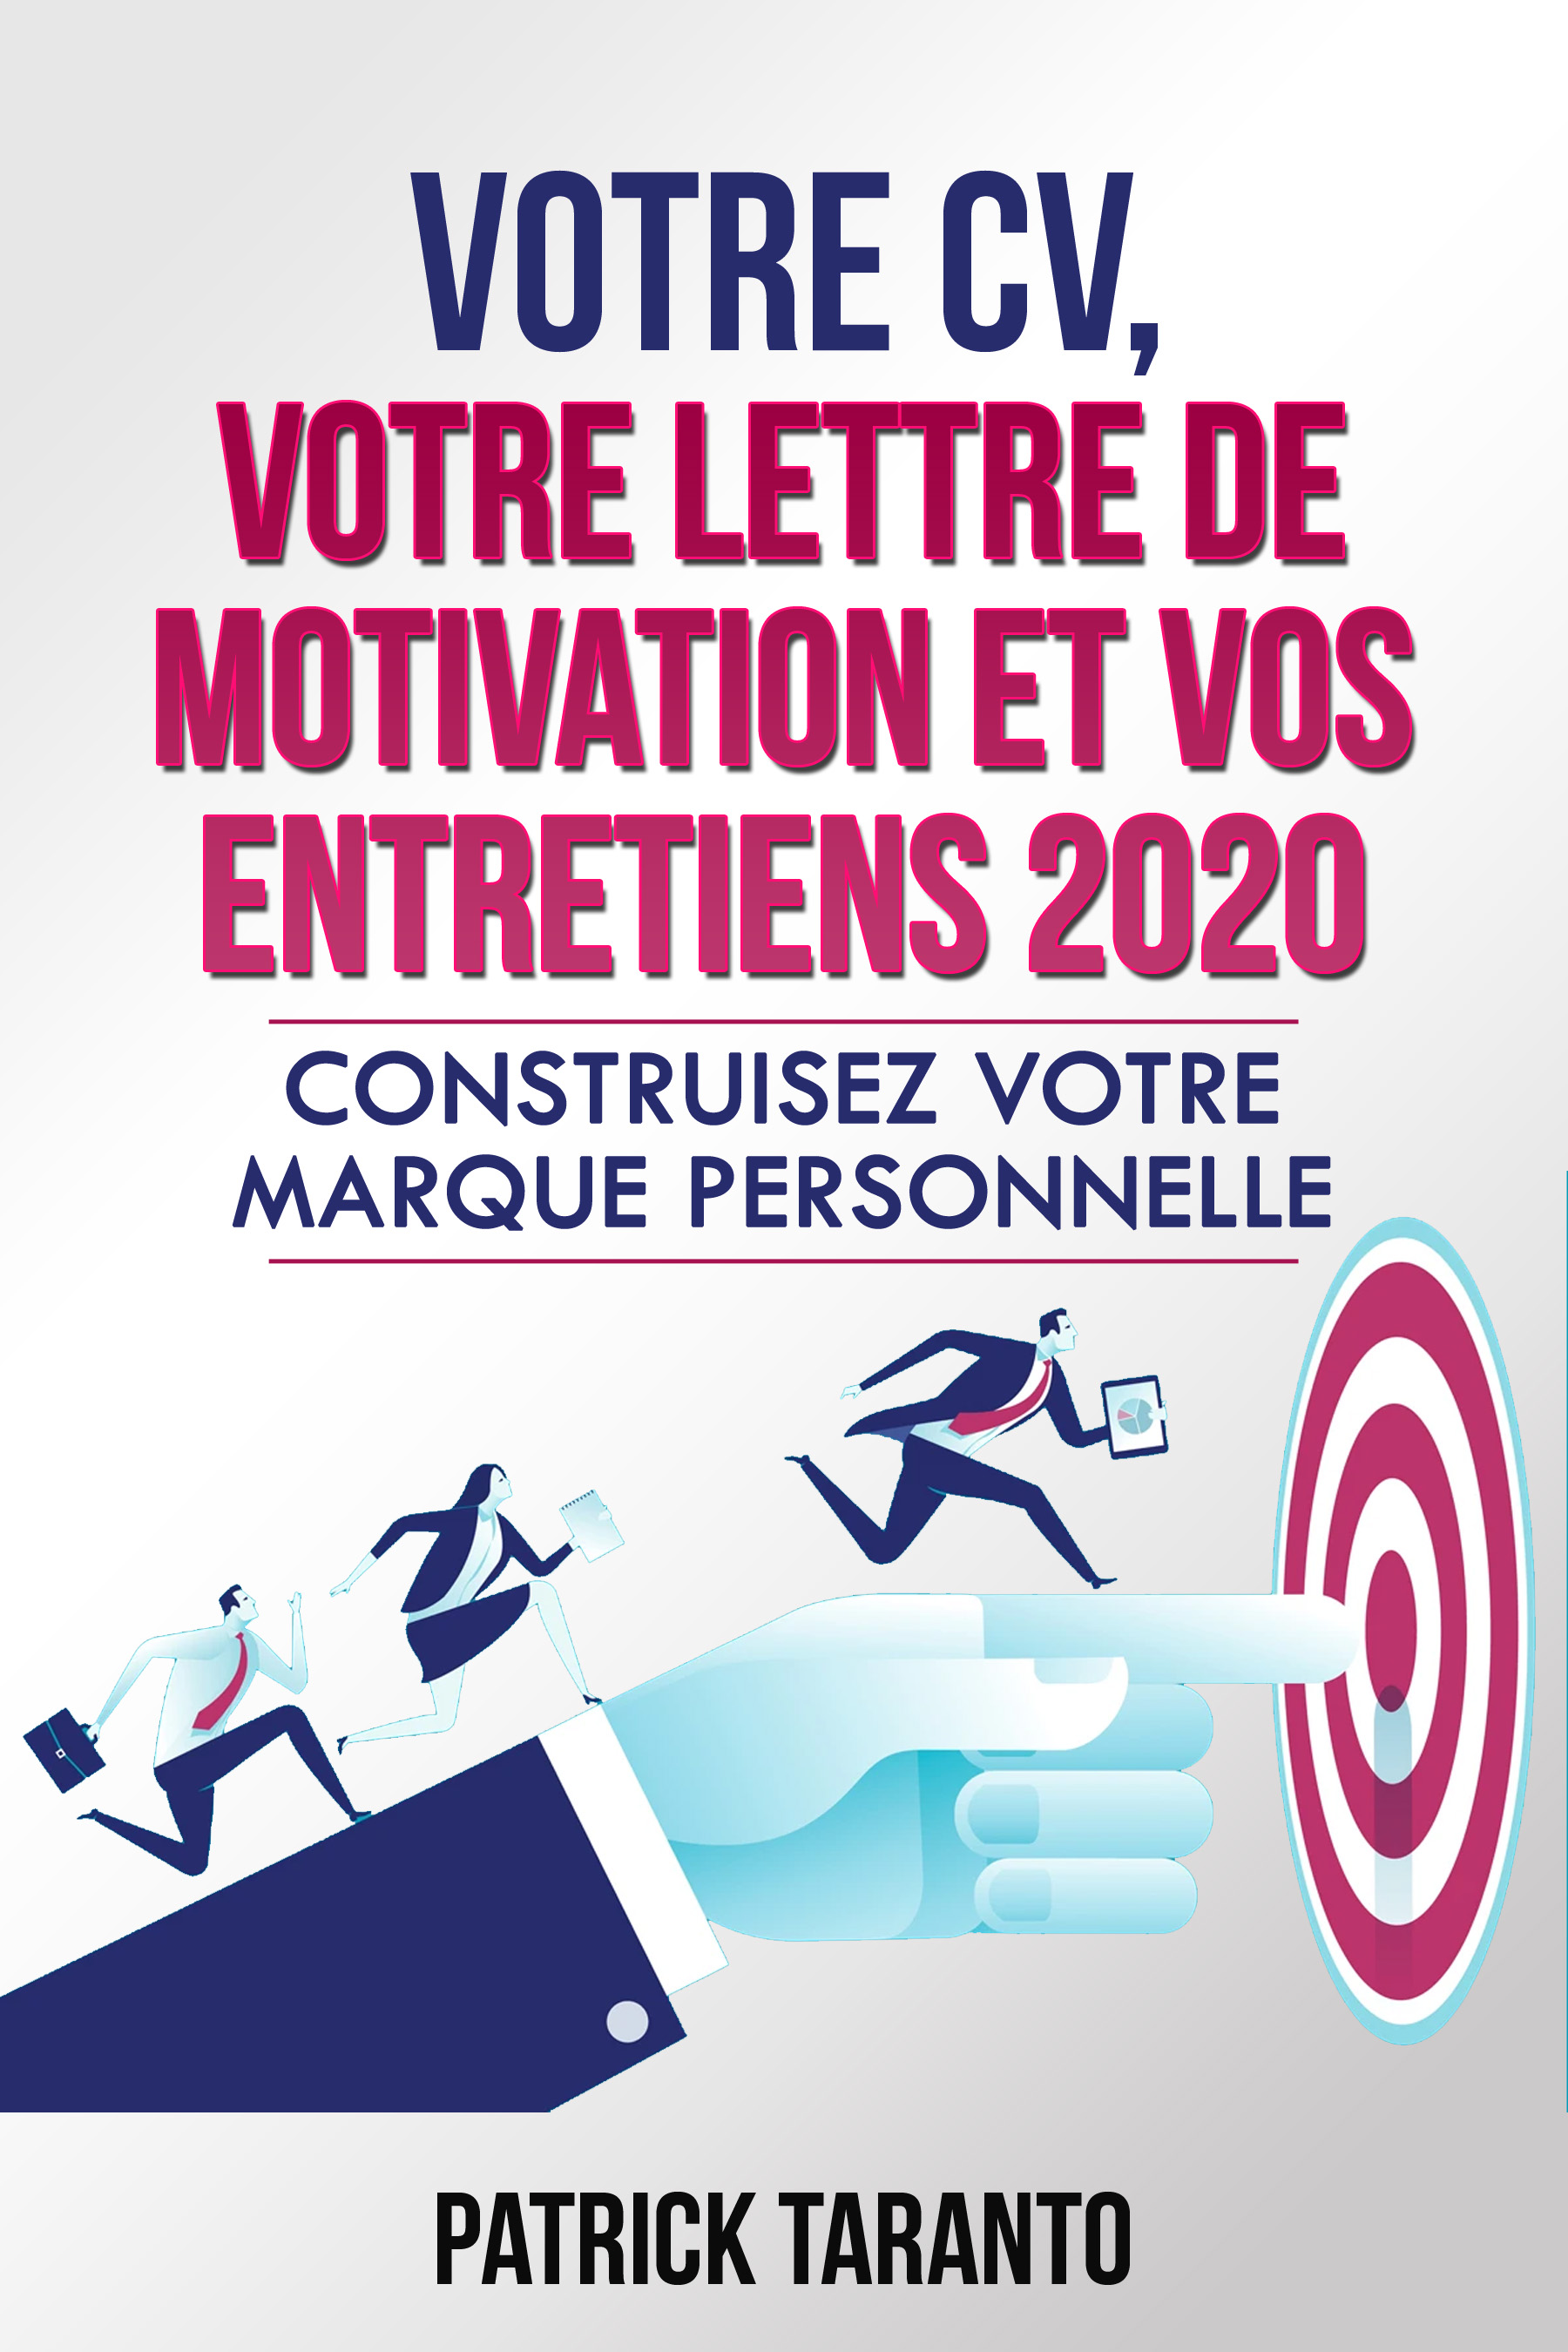 Votre Cv Votre Lettre De Motivation Et Vos Entretiens 2020 An Ebook By Patrick Taranto